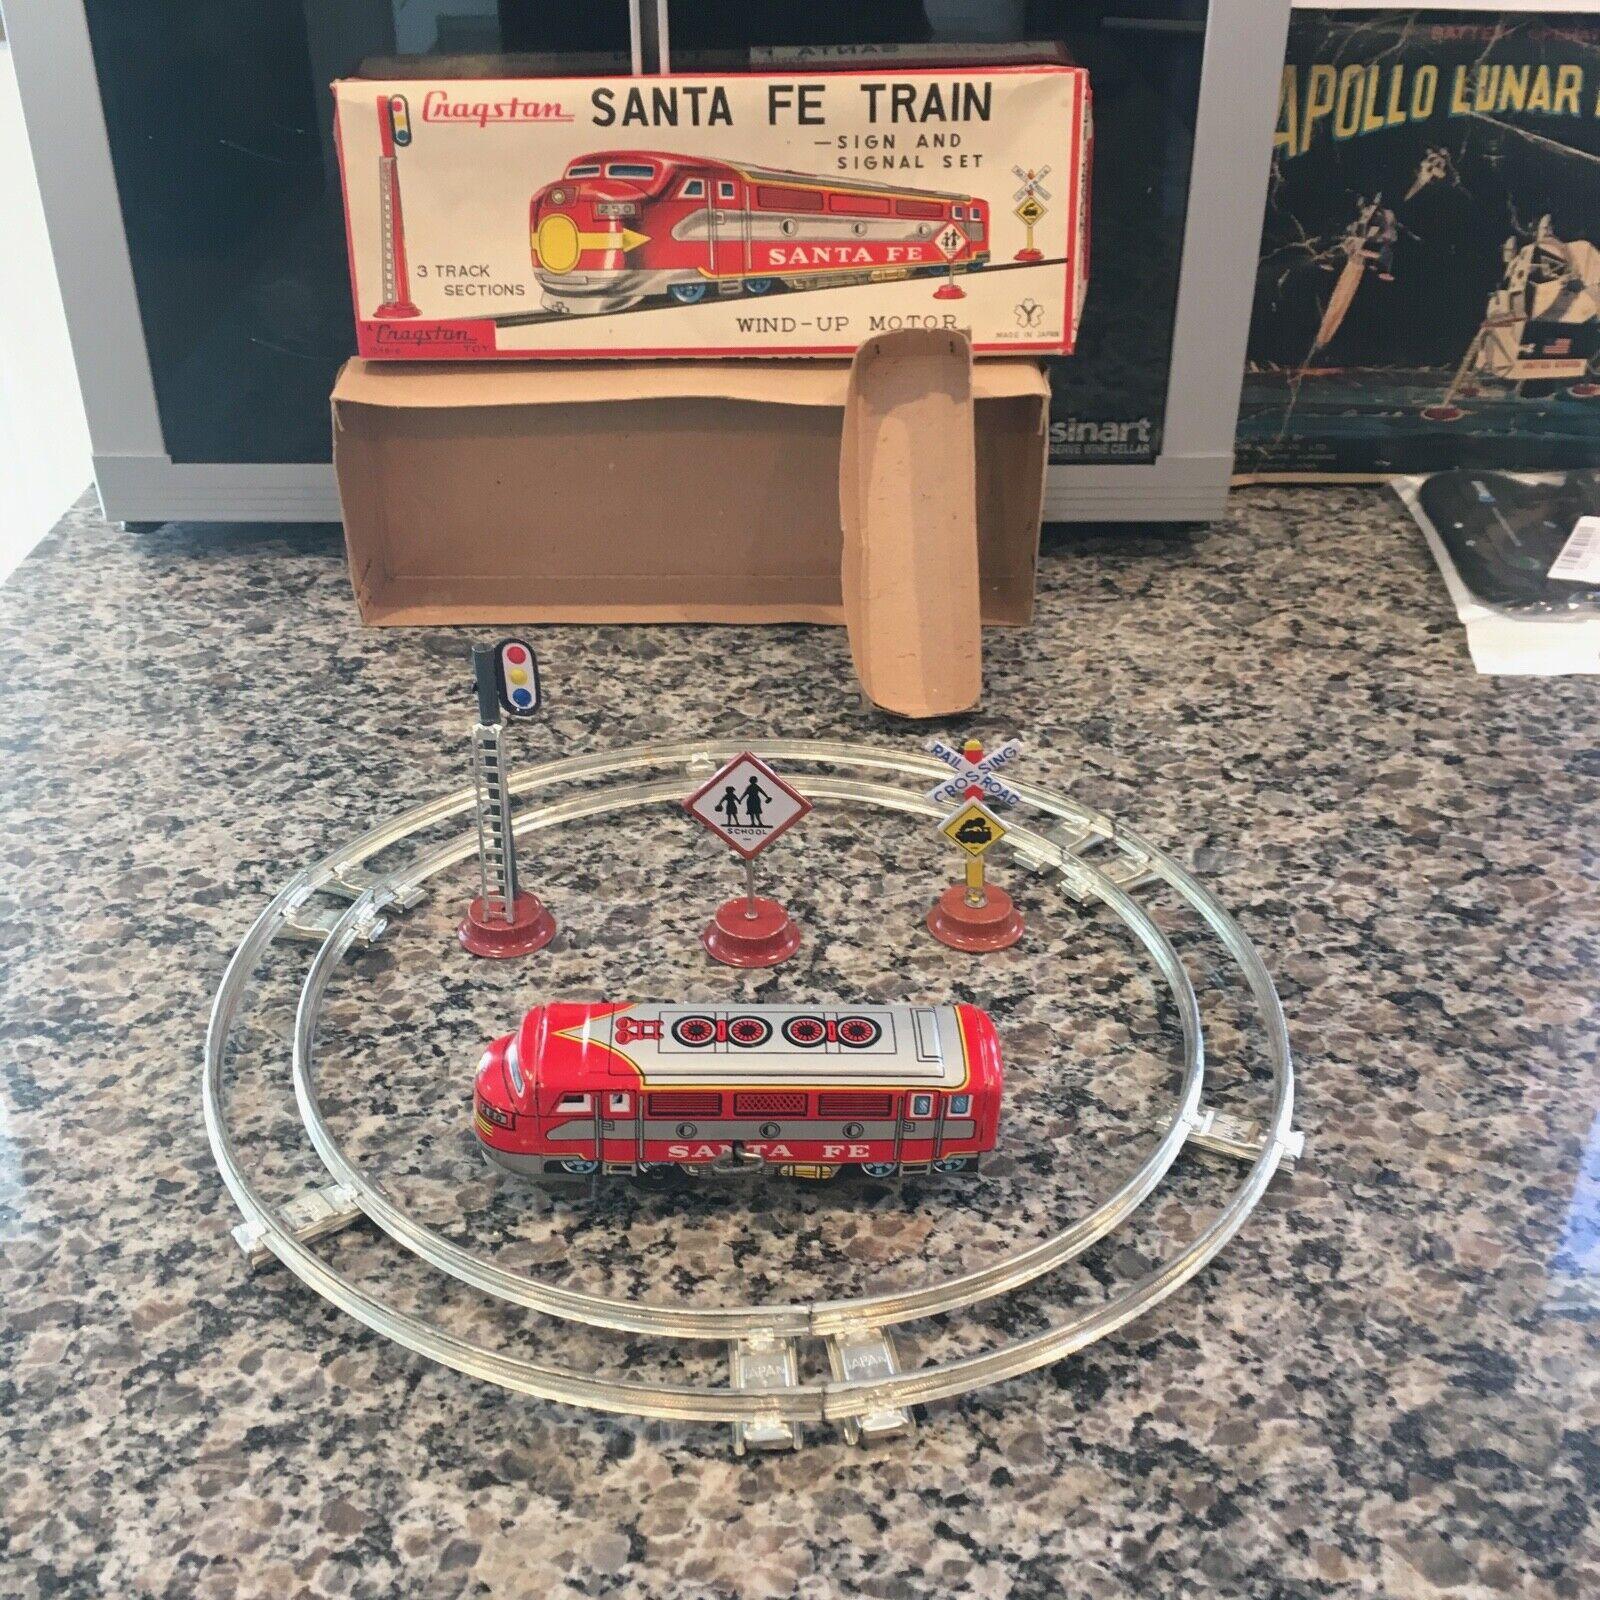 Vintage Yonezawa Estaño mecanismo de relojería tren distribuido por Cragstan Santa Fe Train Set.